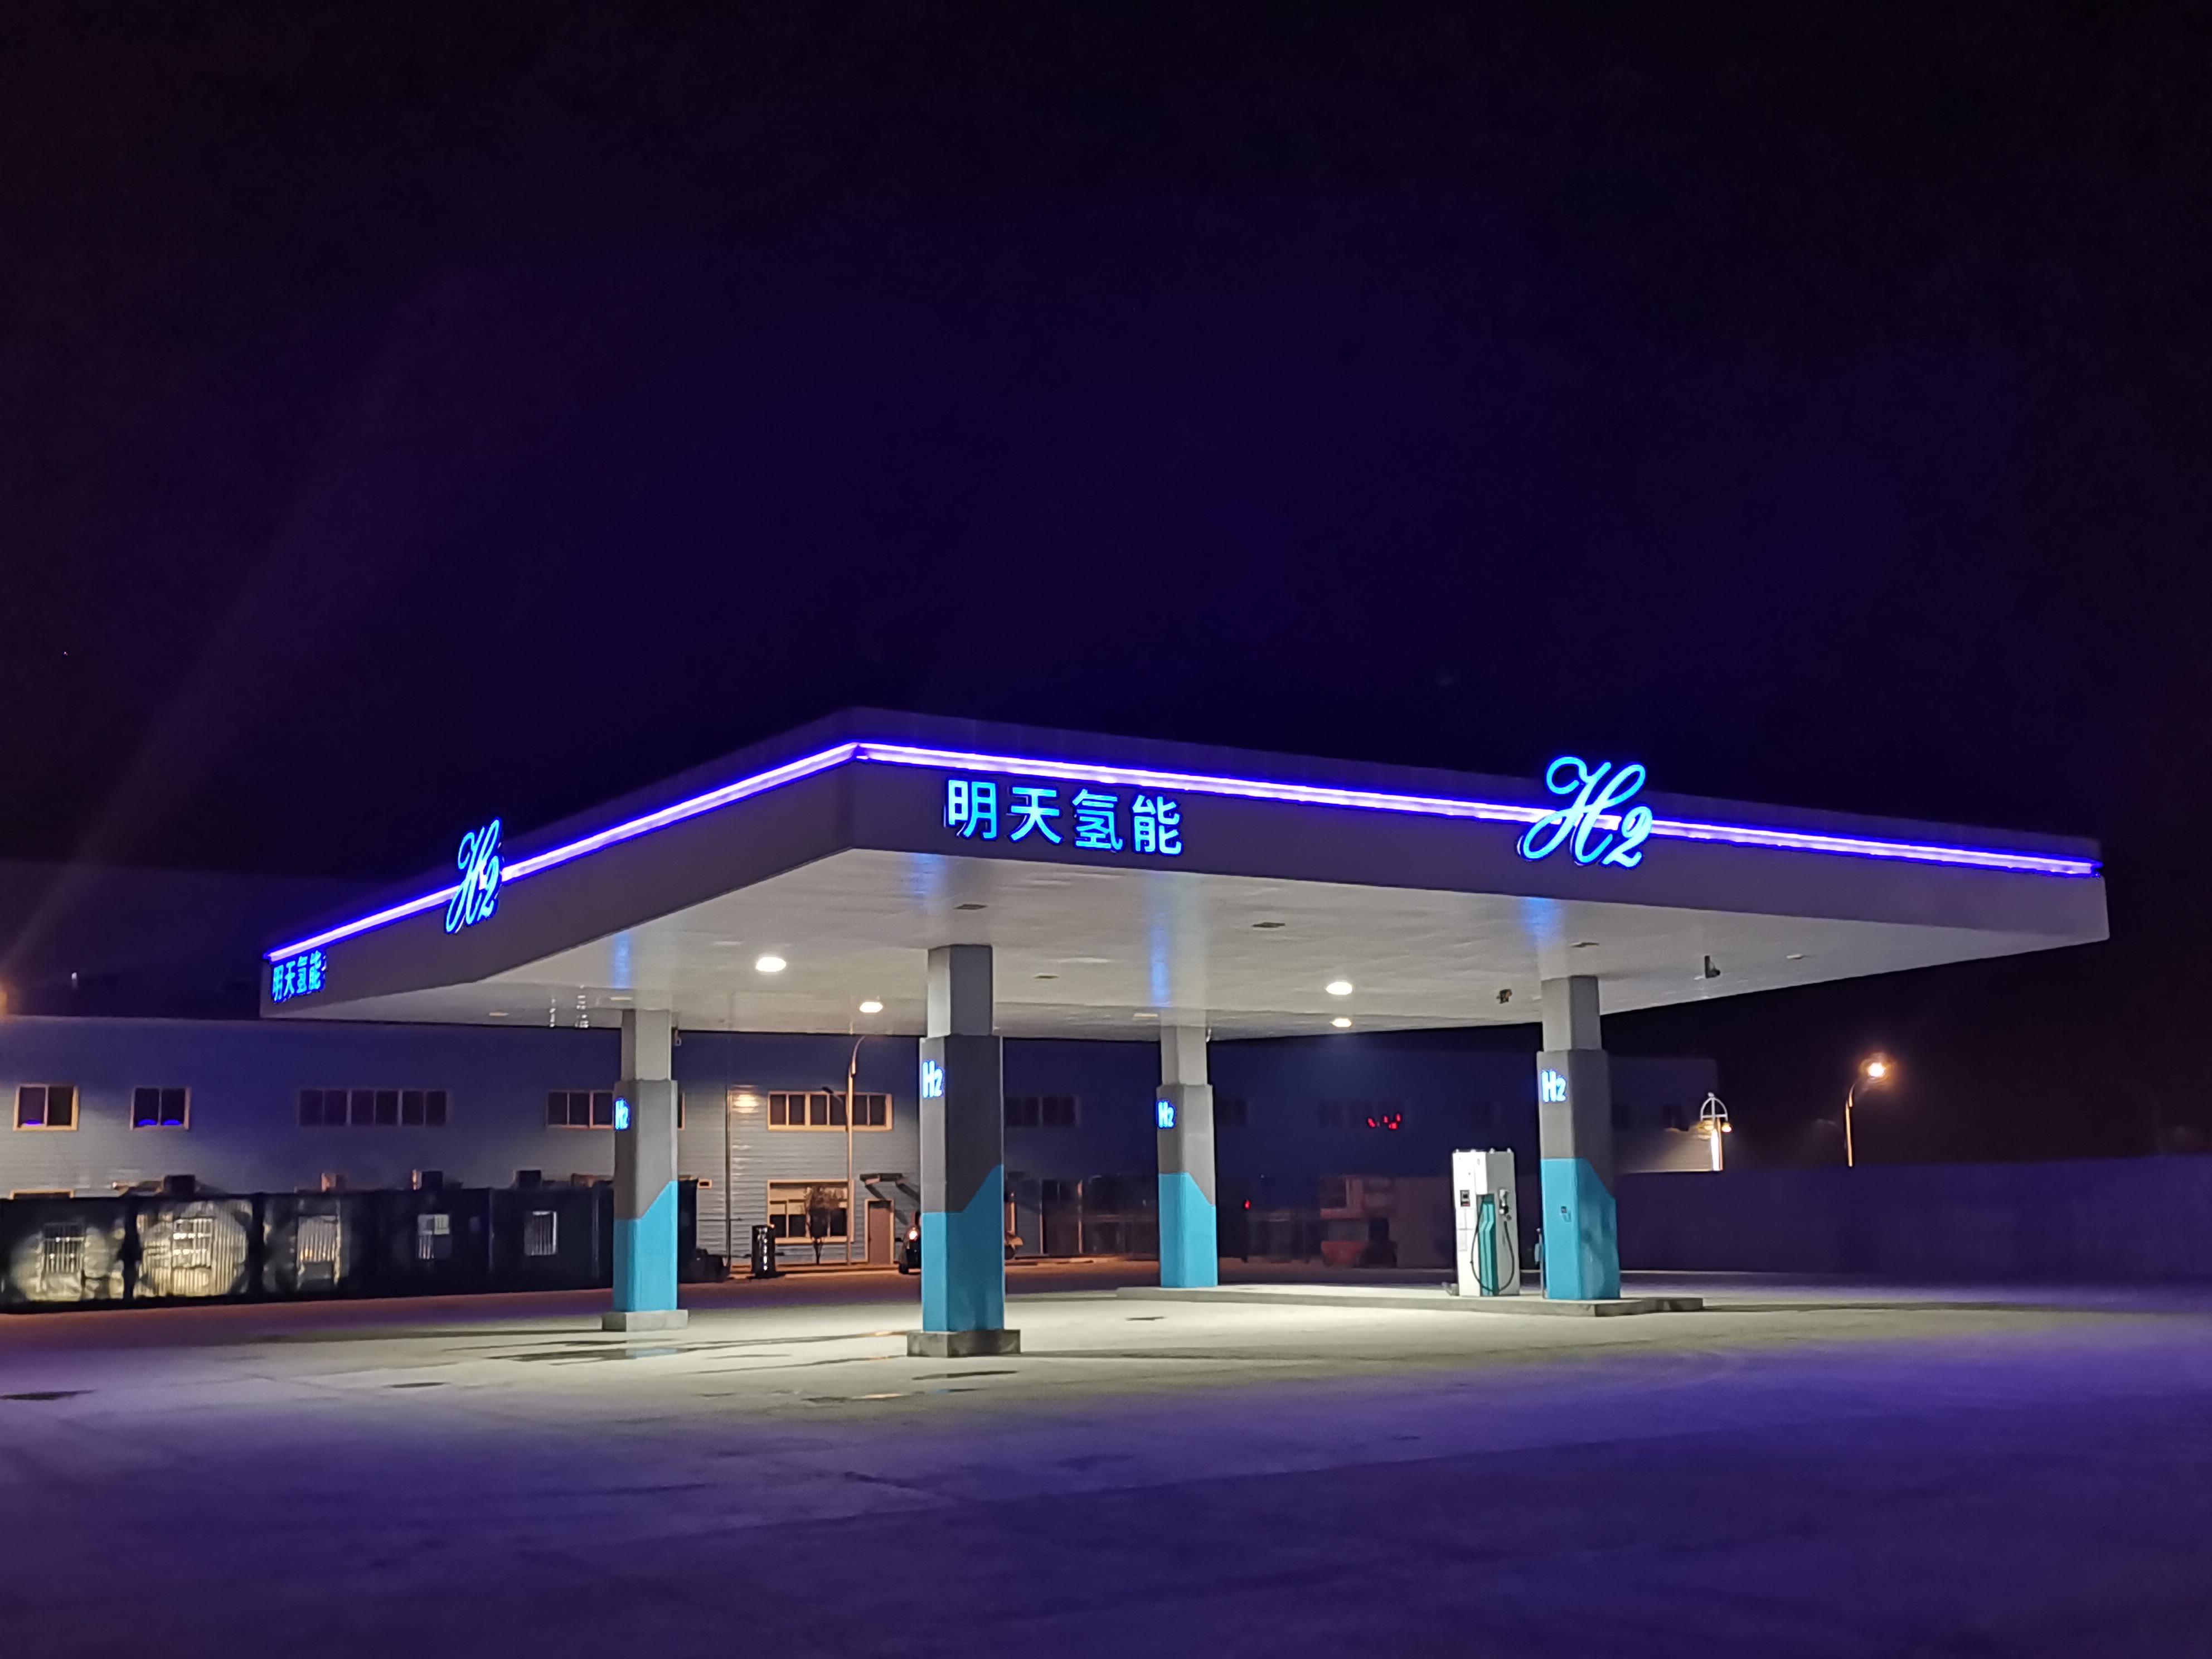 Китайская нефтяная компания планирует построить 1000 водородных автозаправочных станций